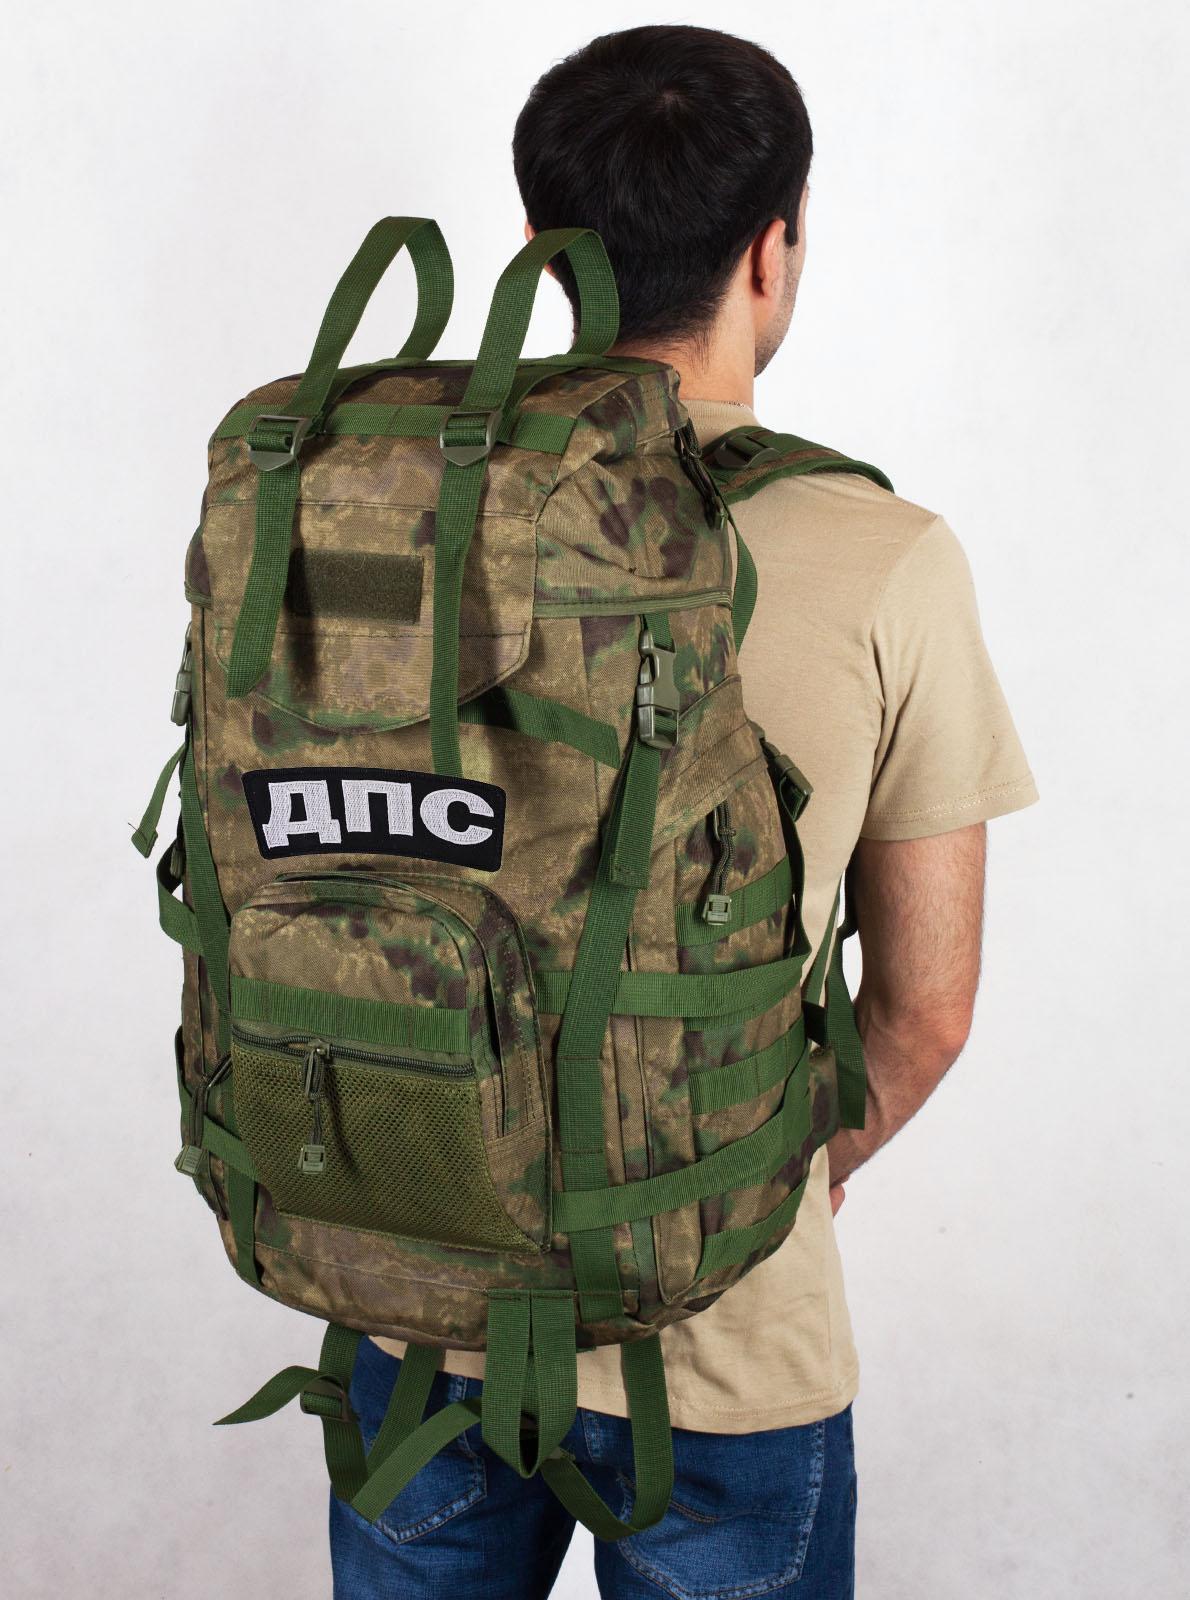 Штурмовой заплечный рюкзак MultiCam A-TACS FG ДПС - заказать онлайн